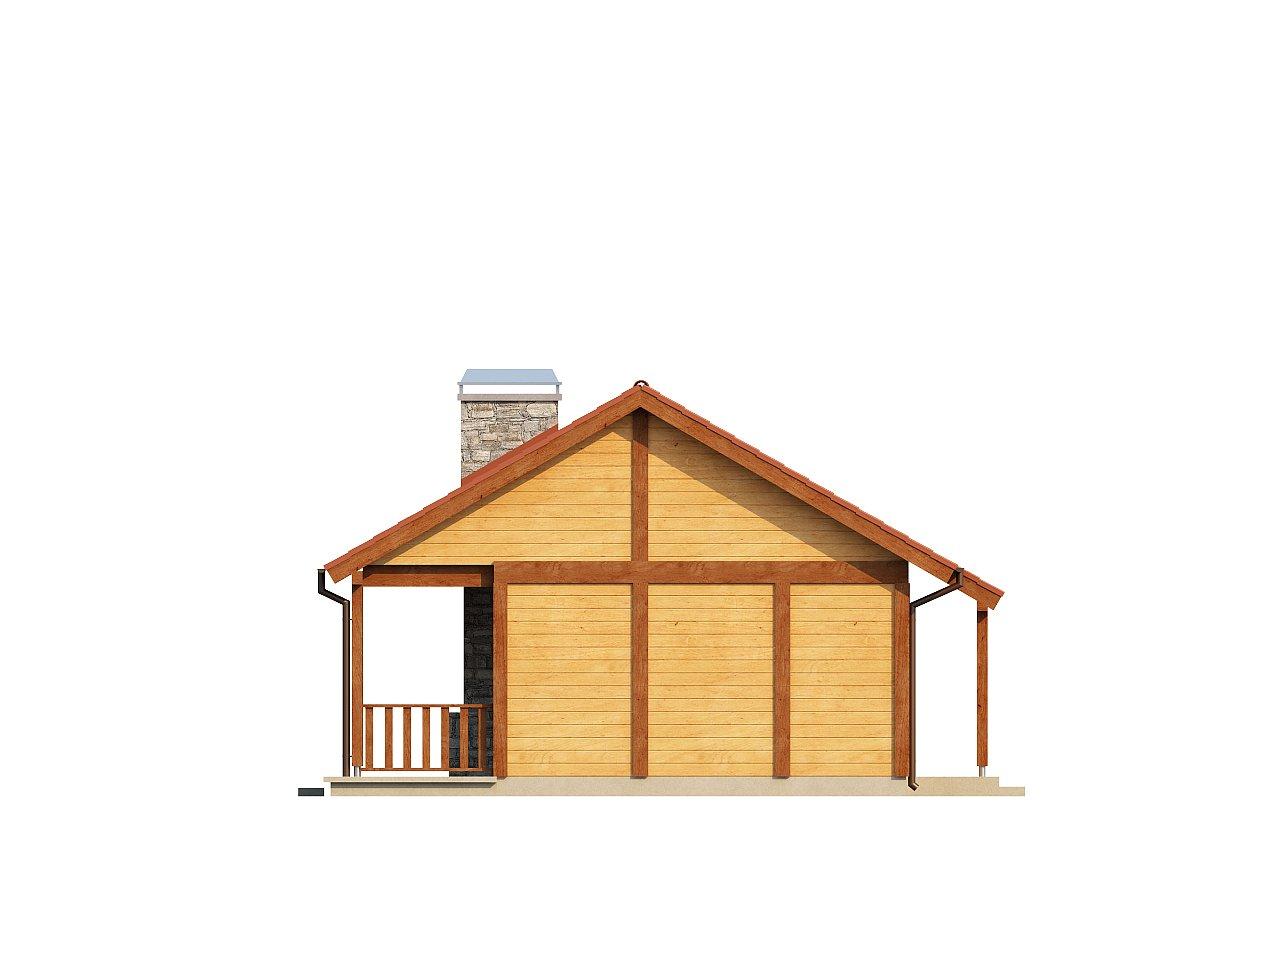 Маленький одноэтажный дом, оснащенный всем необходимым для круглогодичного проживания. 14